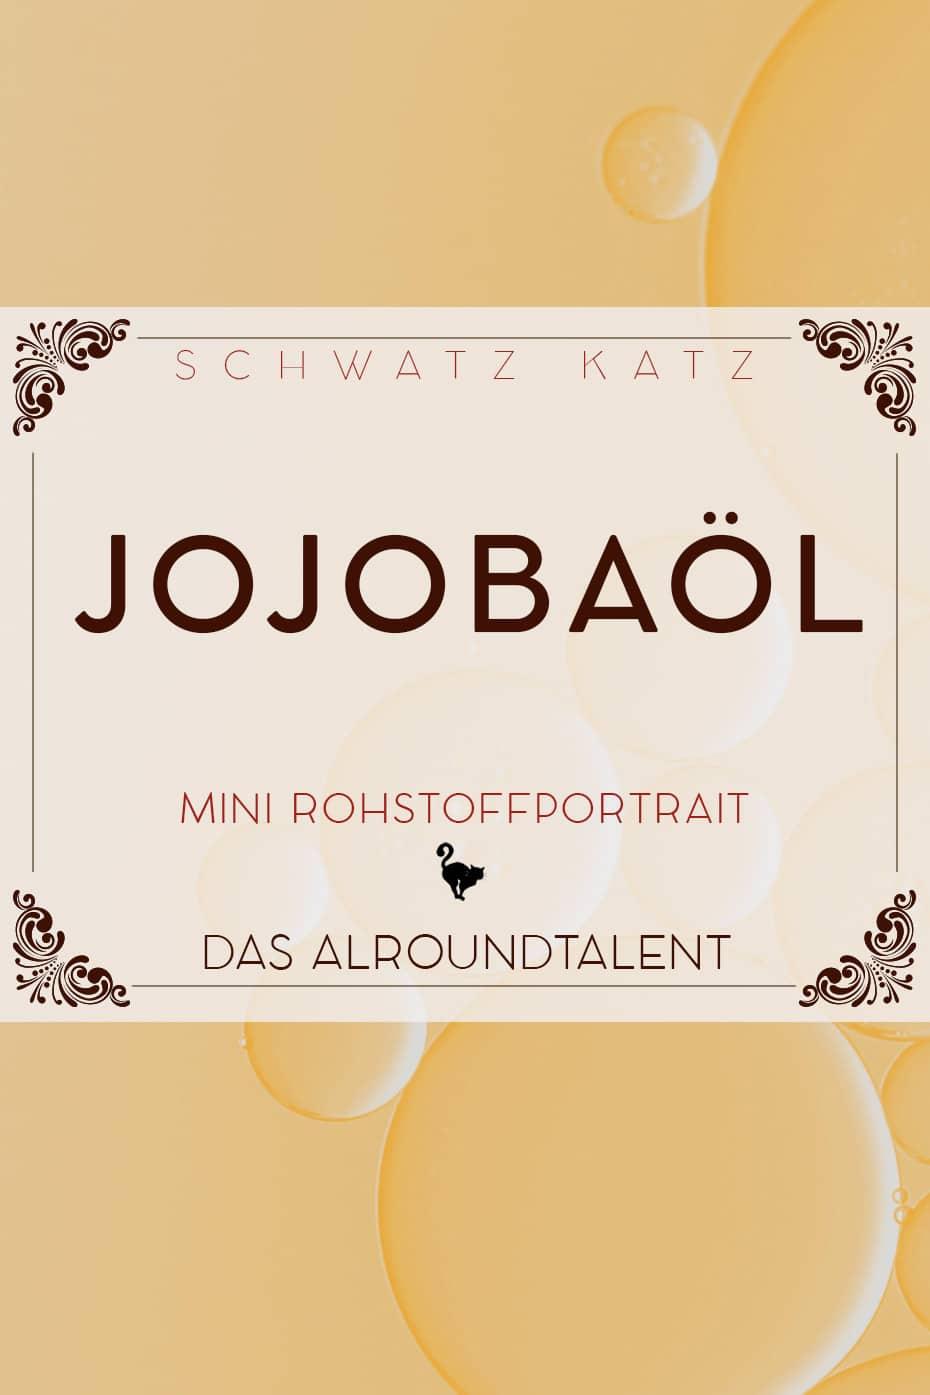 Jojobaöl Mini Rohstoffportrait von Schwatz Katz